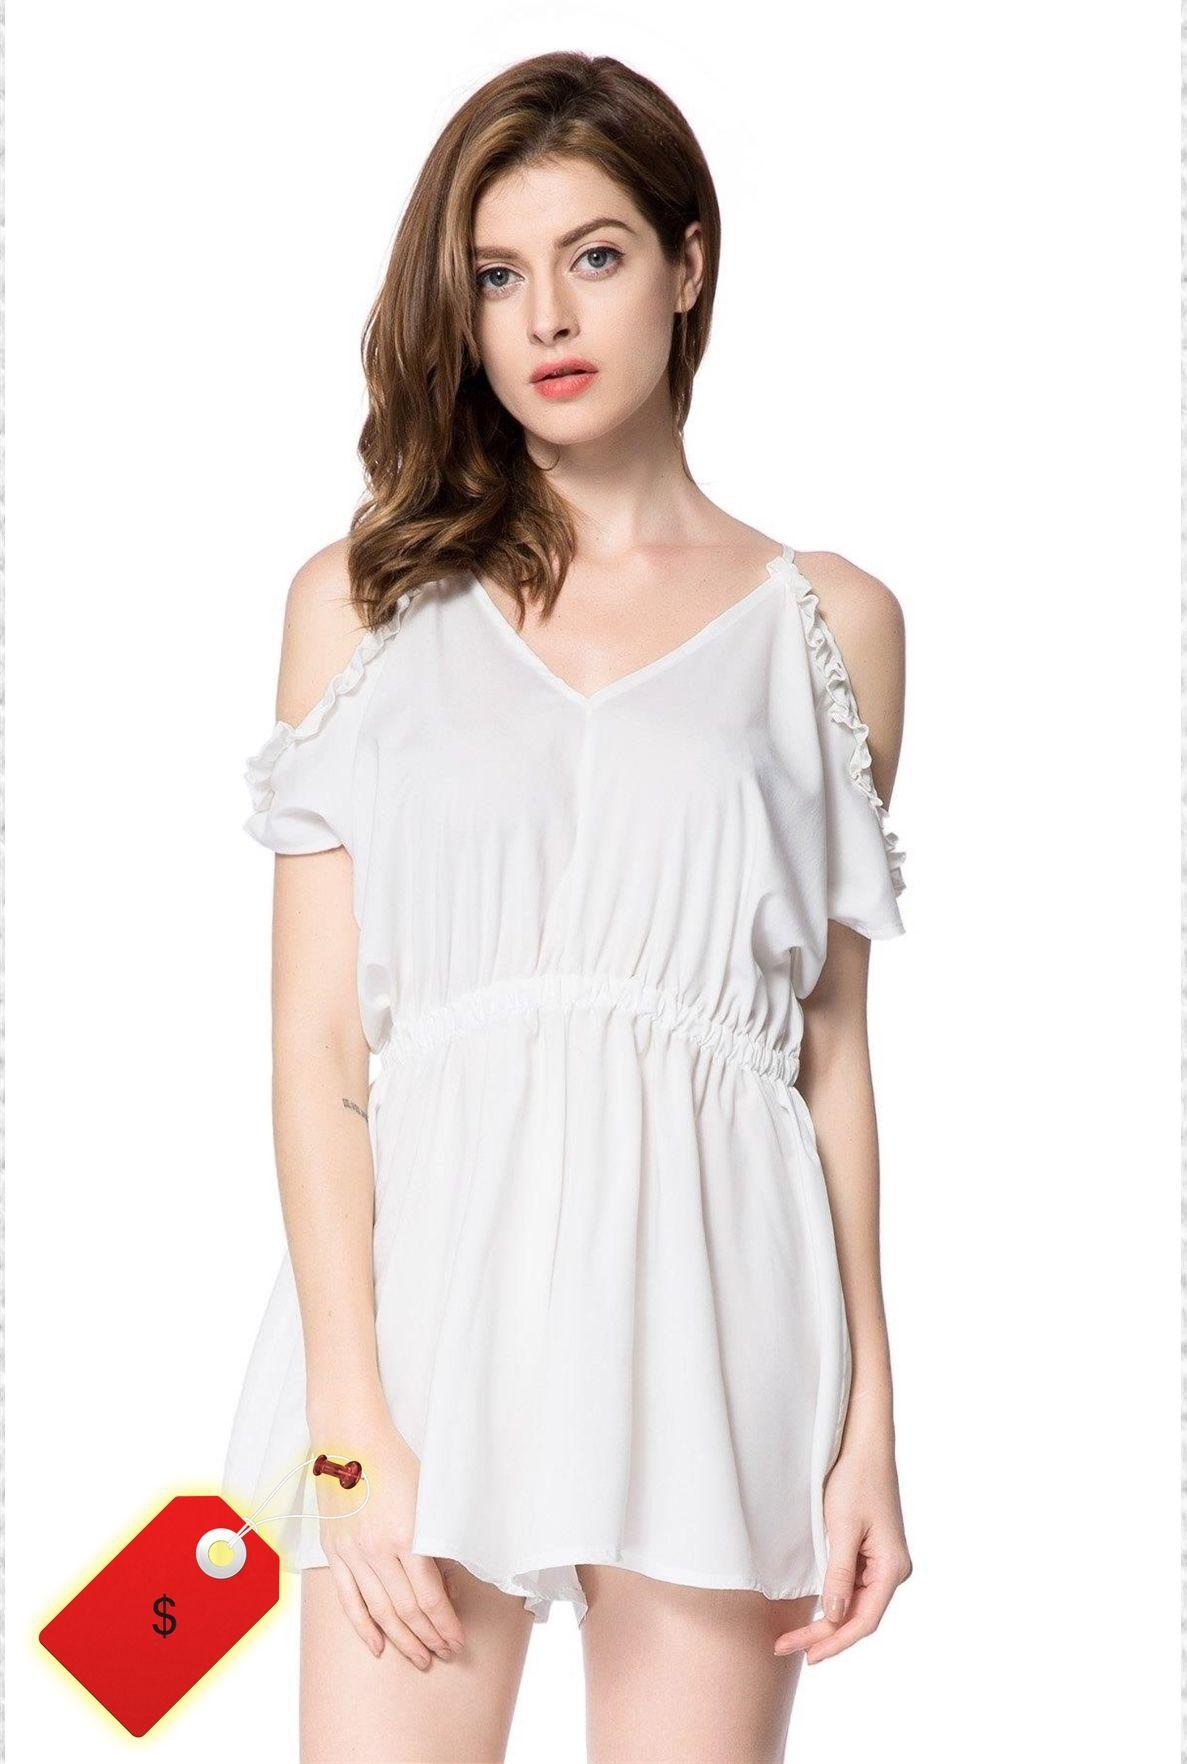 Alluring vneck short sleeve offtheshoulder solid color romper for